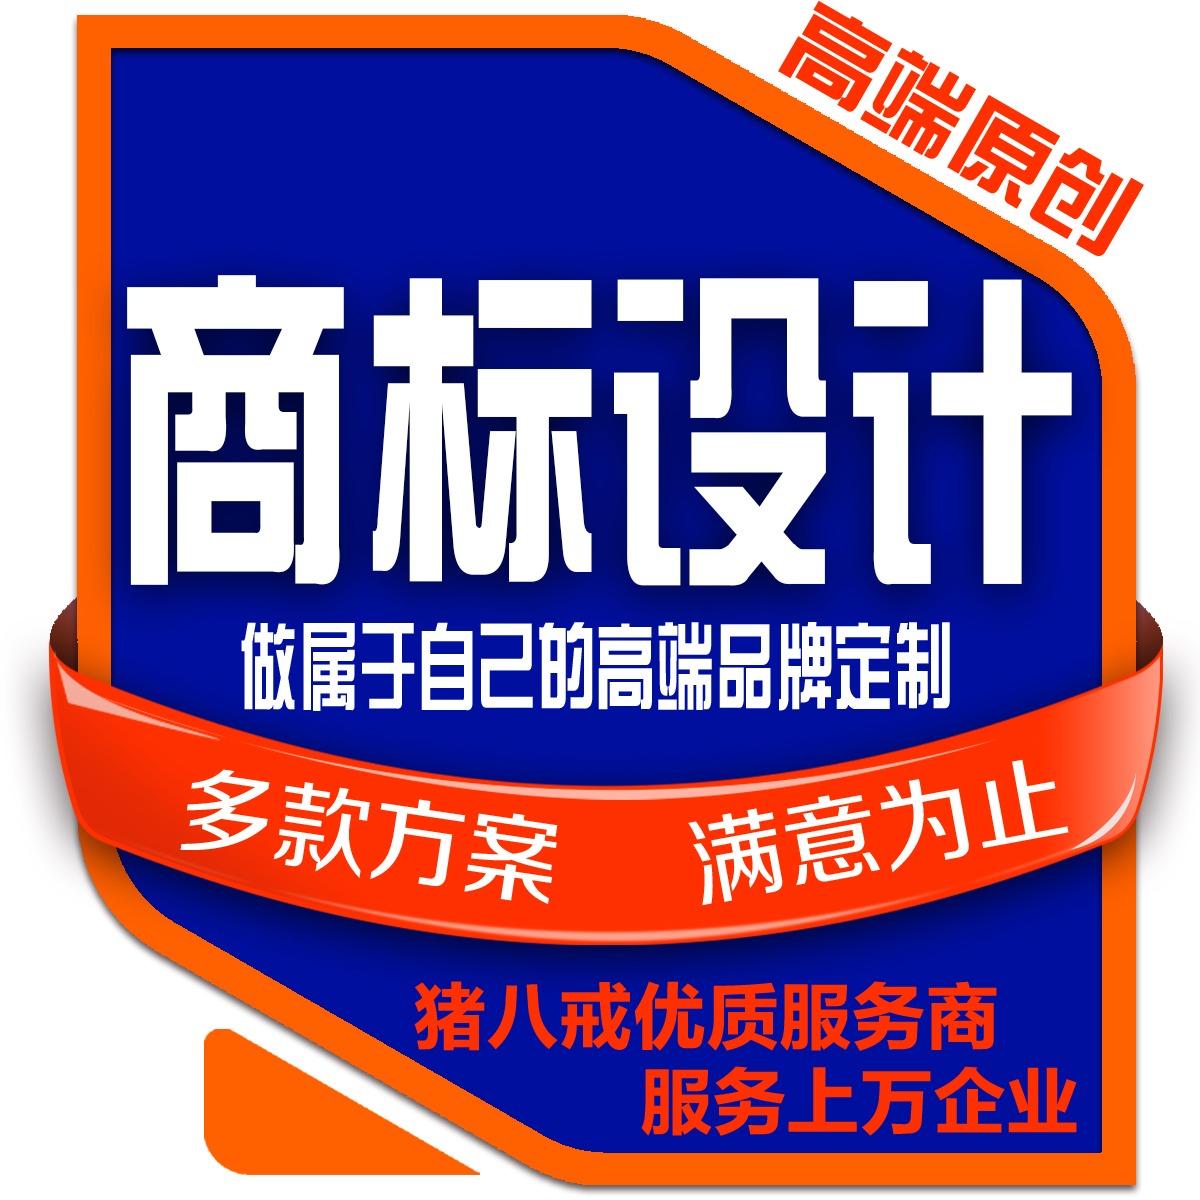 娱乐场所/餐饮/酒吧酒馆/宾馆酒店/民宿全套logo品牌设计